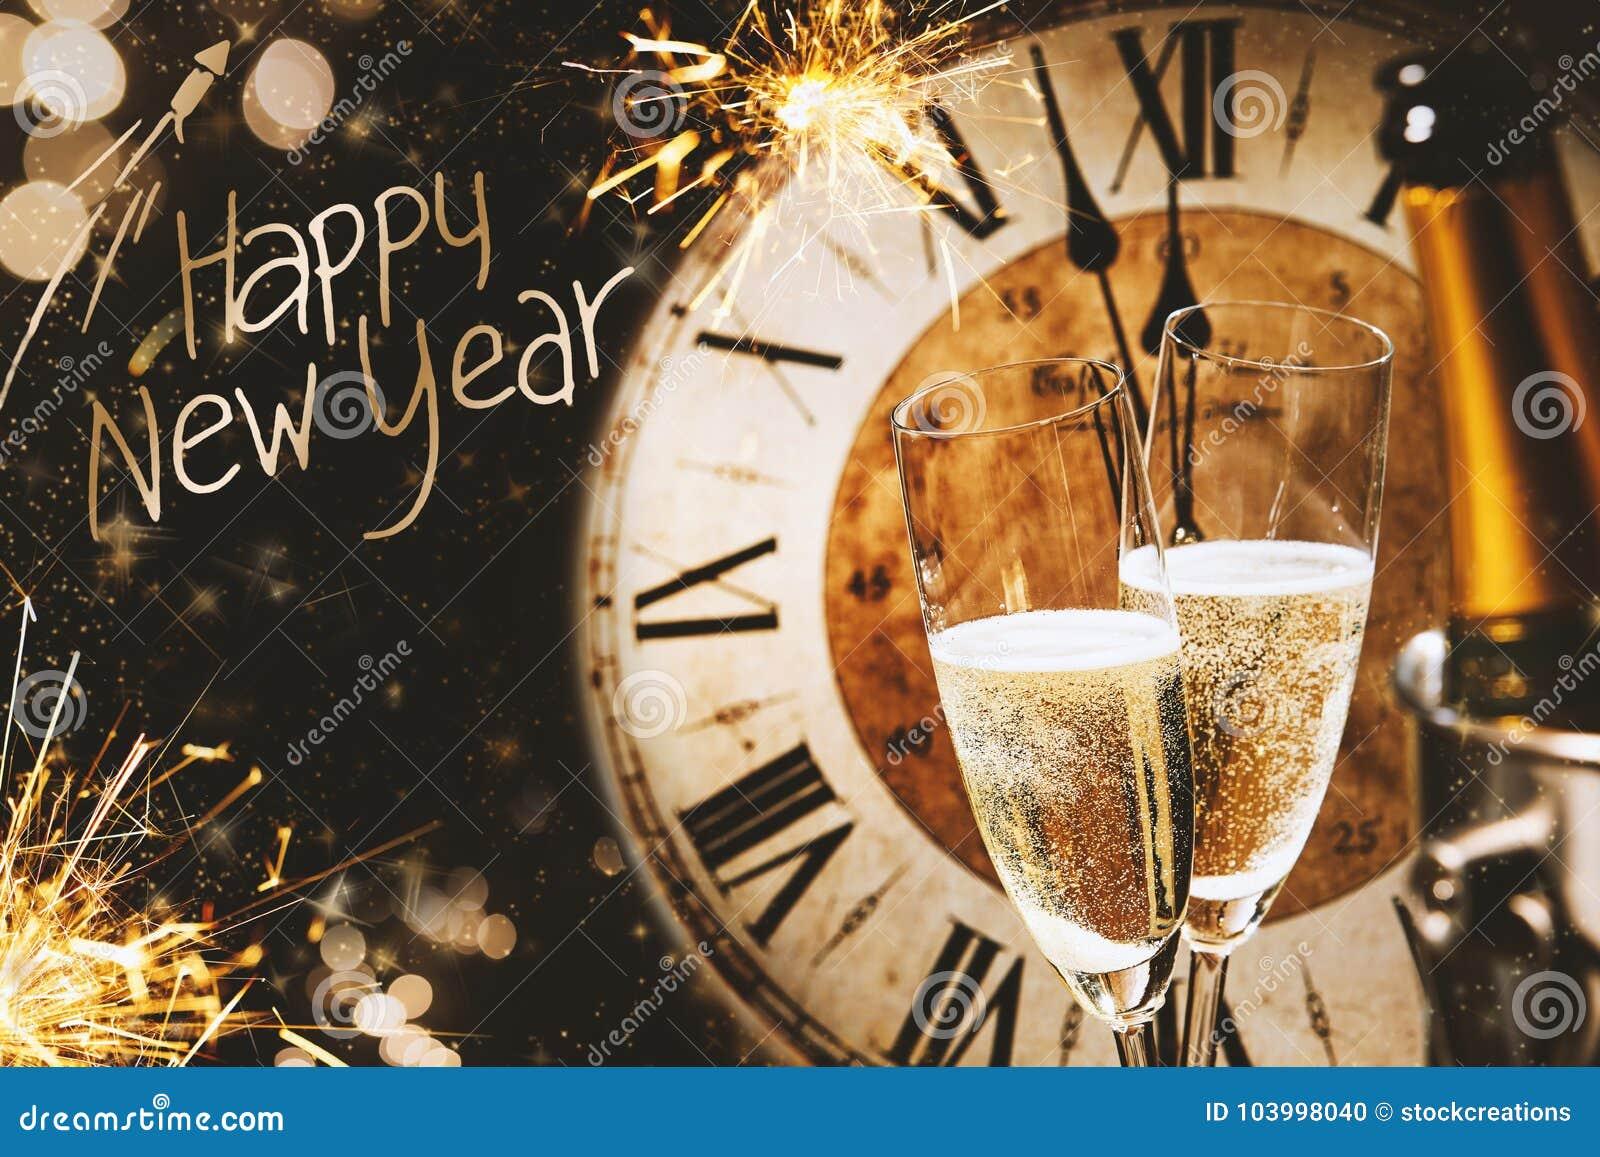 新年快乐贺卡用香槟